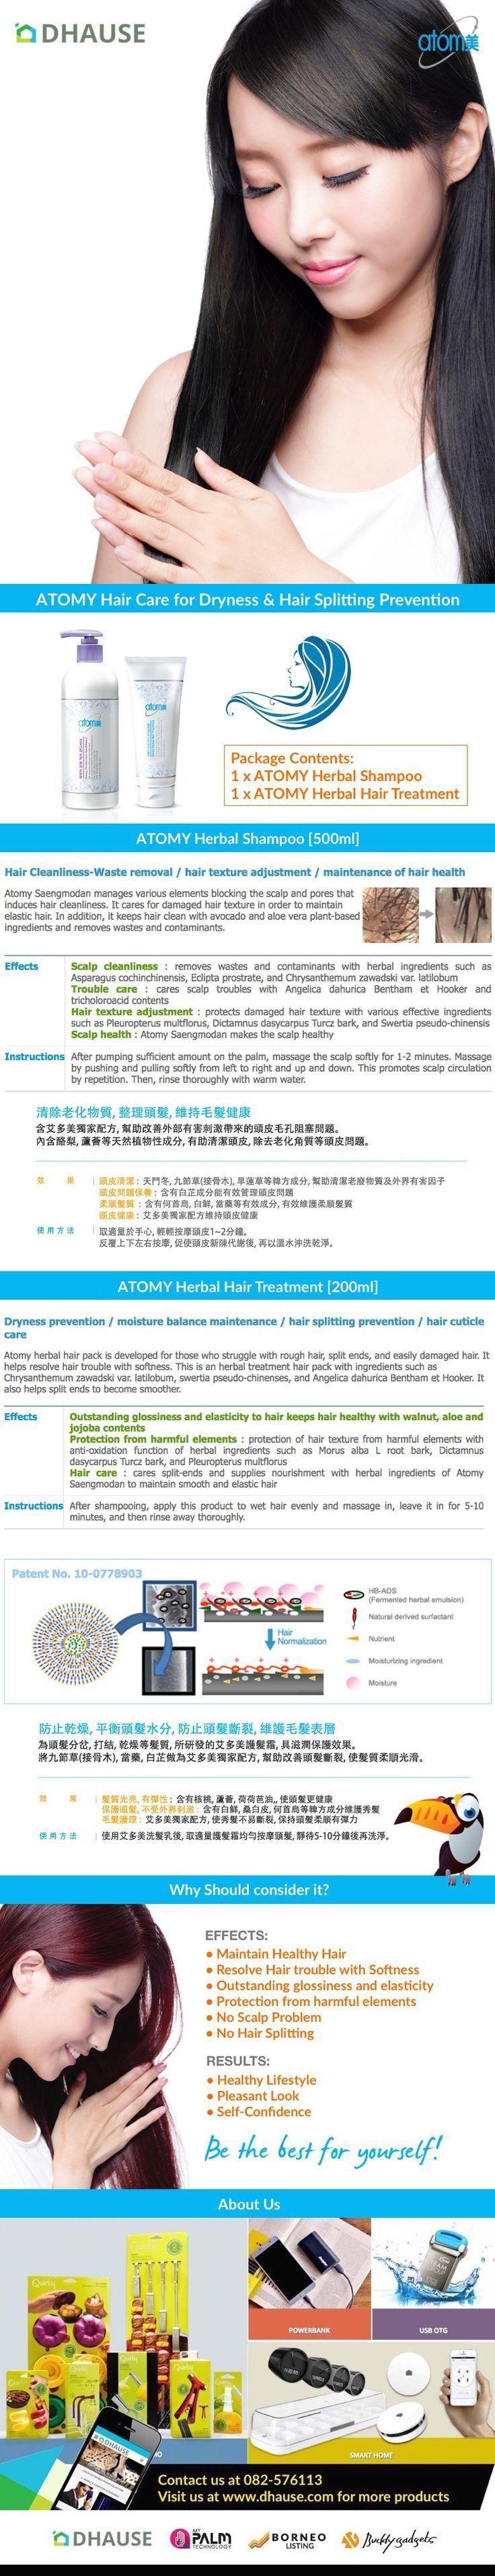 ATOMY Haarpflege für Trockenheit amp; Verhinderung von Haarspalterei bei DHAUSE Malaysia